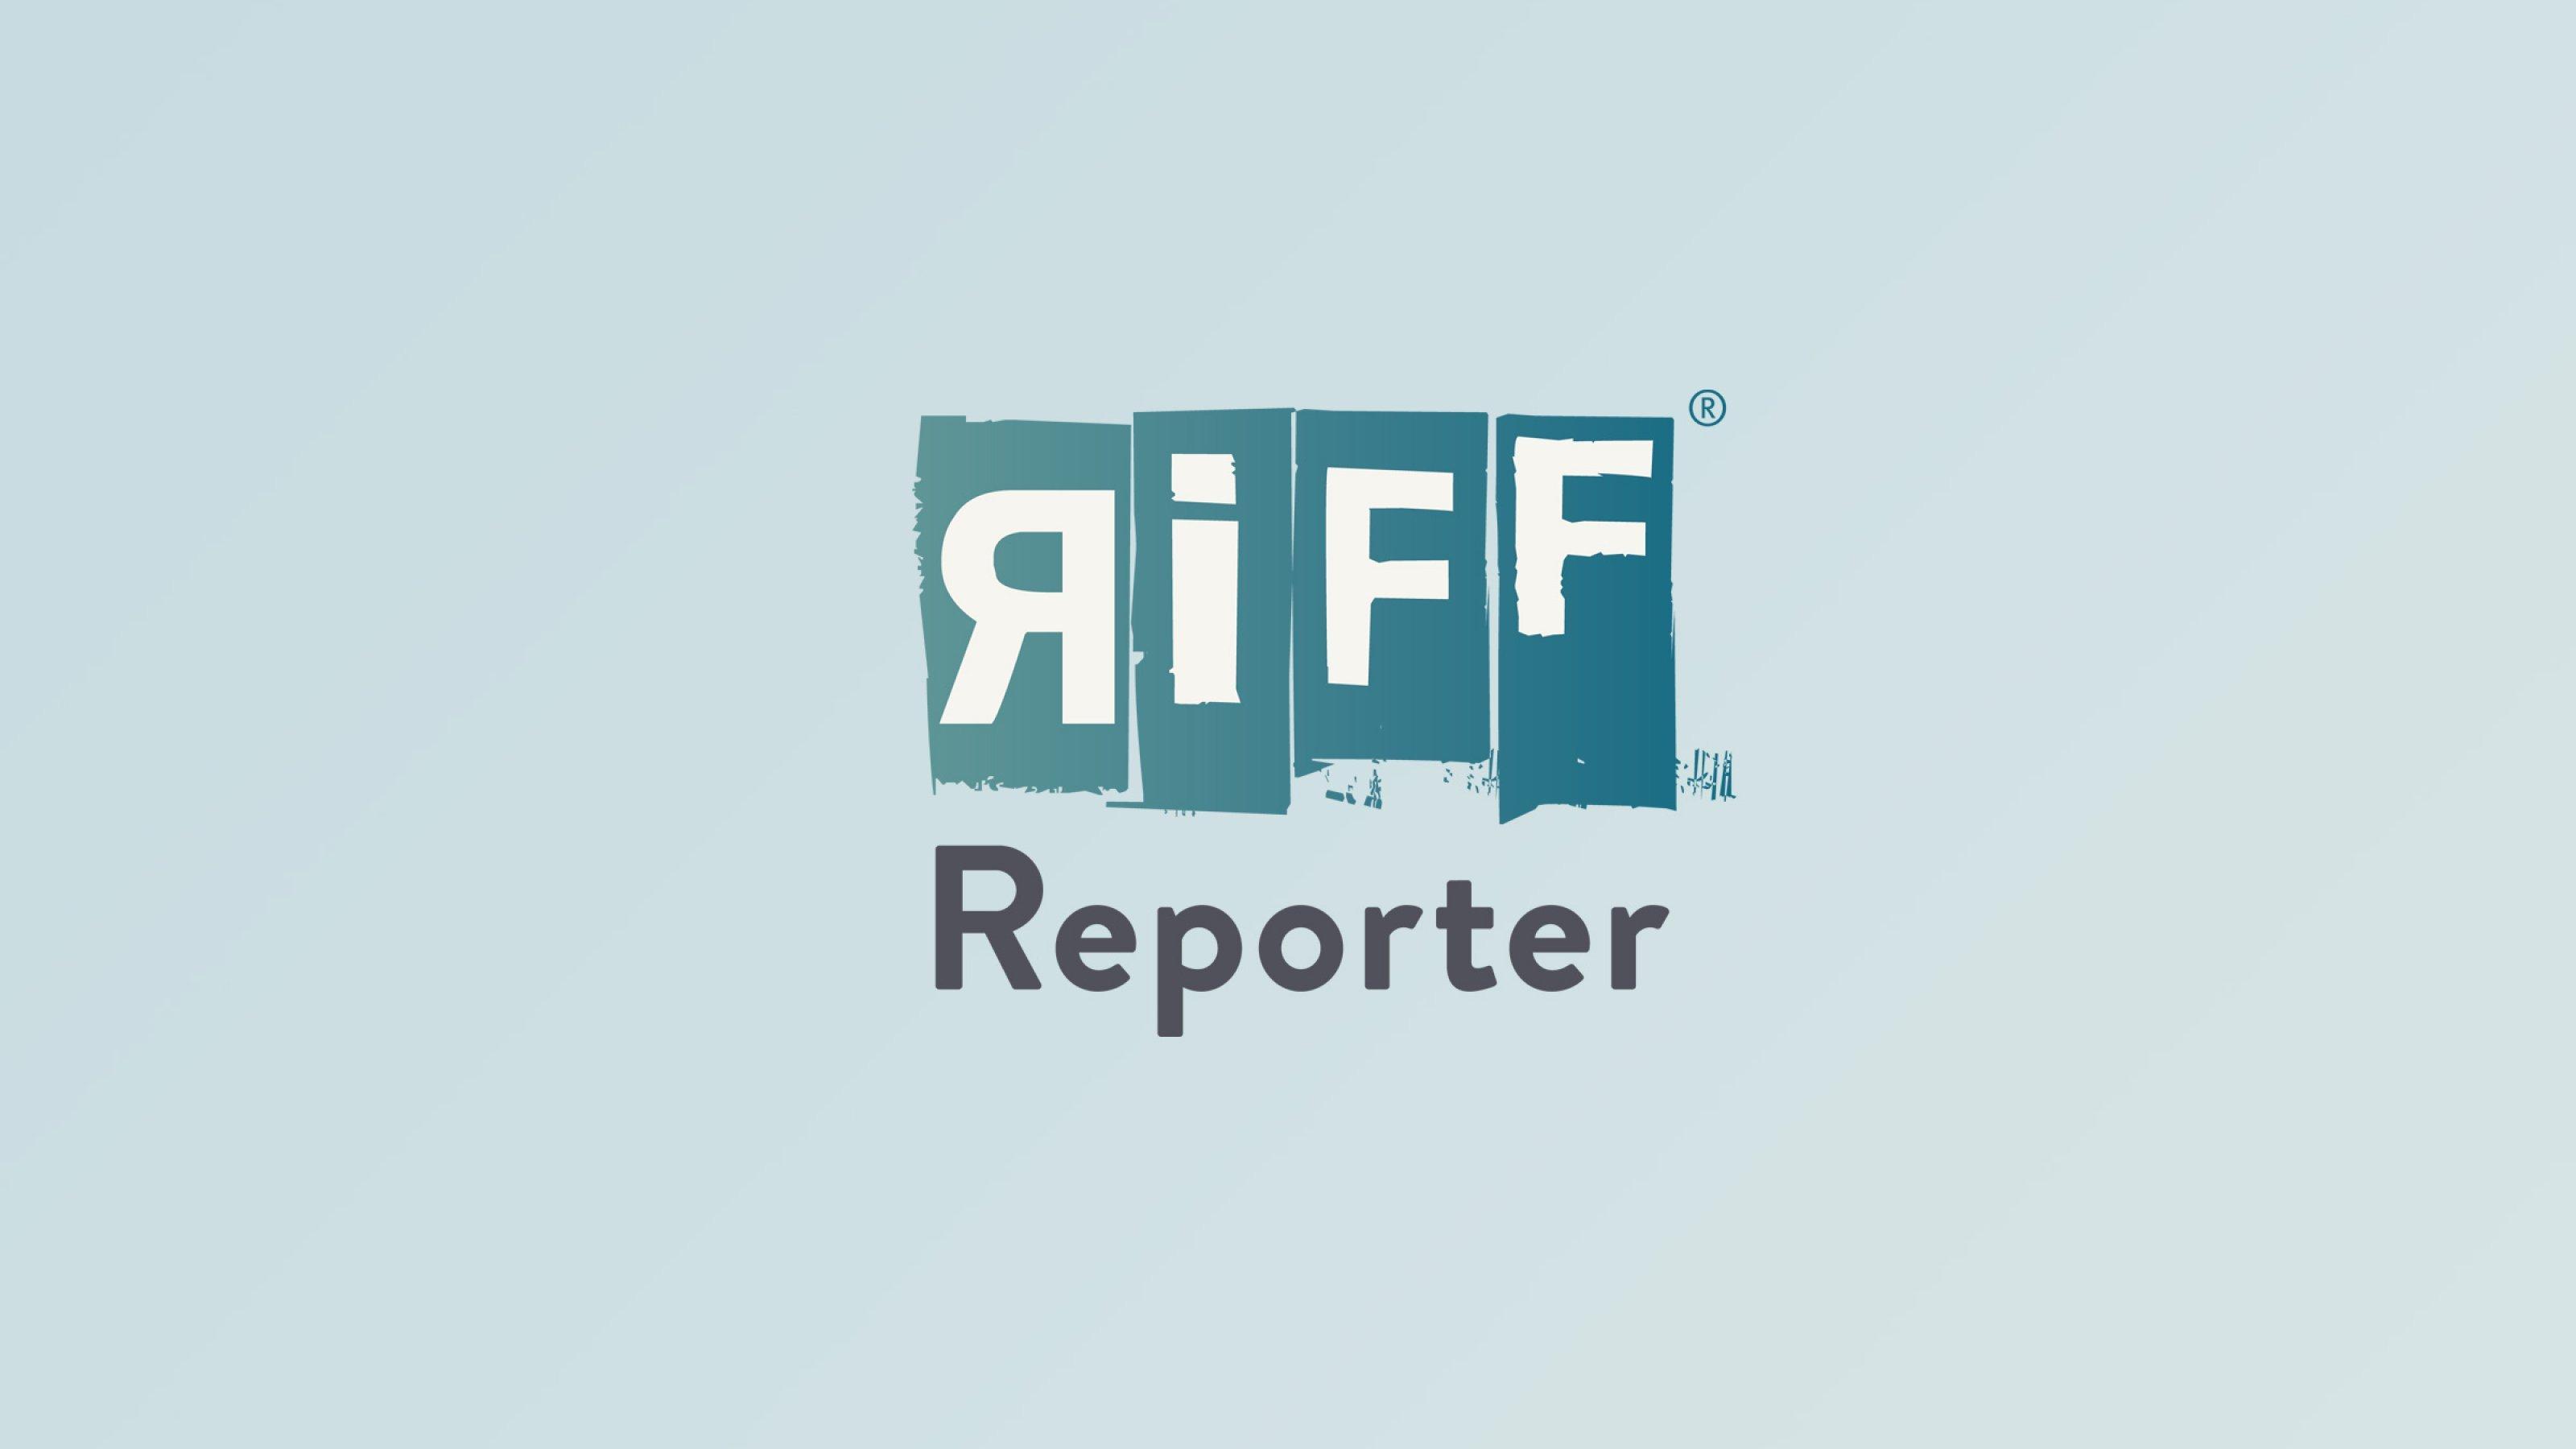 Eine junge indigene Frau vom Volk der Waorani mit einer dunkelroten Jacke und einem roten, selbst genähten Mundschutz blickt in die Kamera. Hinter ihr der Wald des Yasuní-Nationalparks, Ecuador.